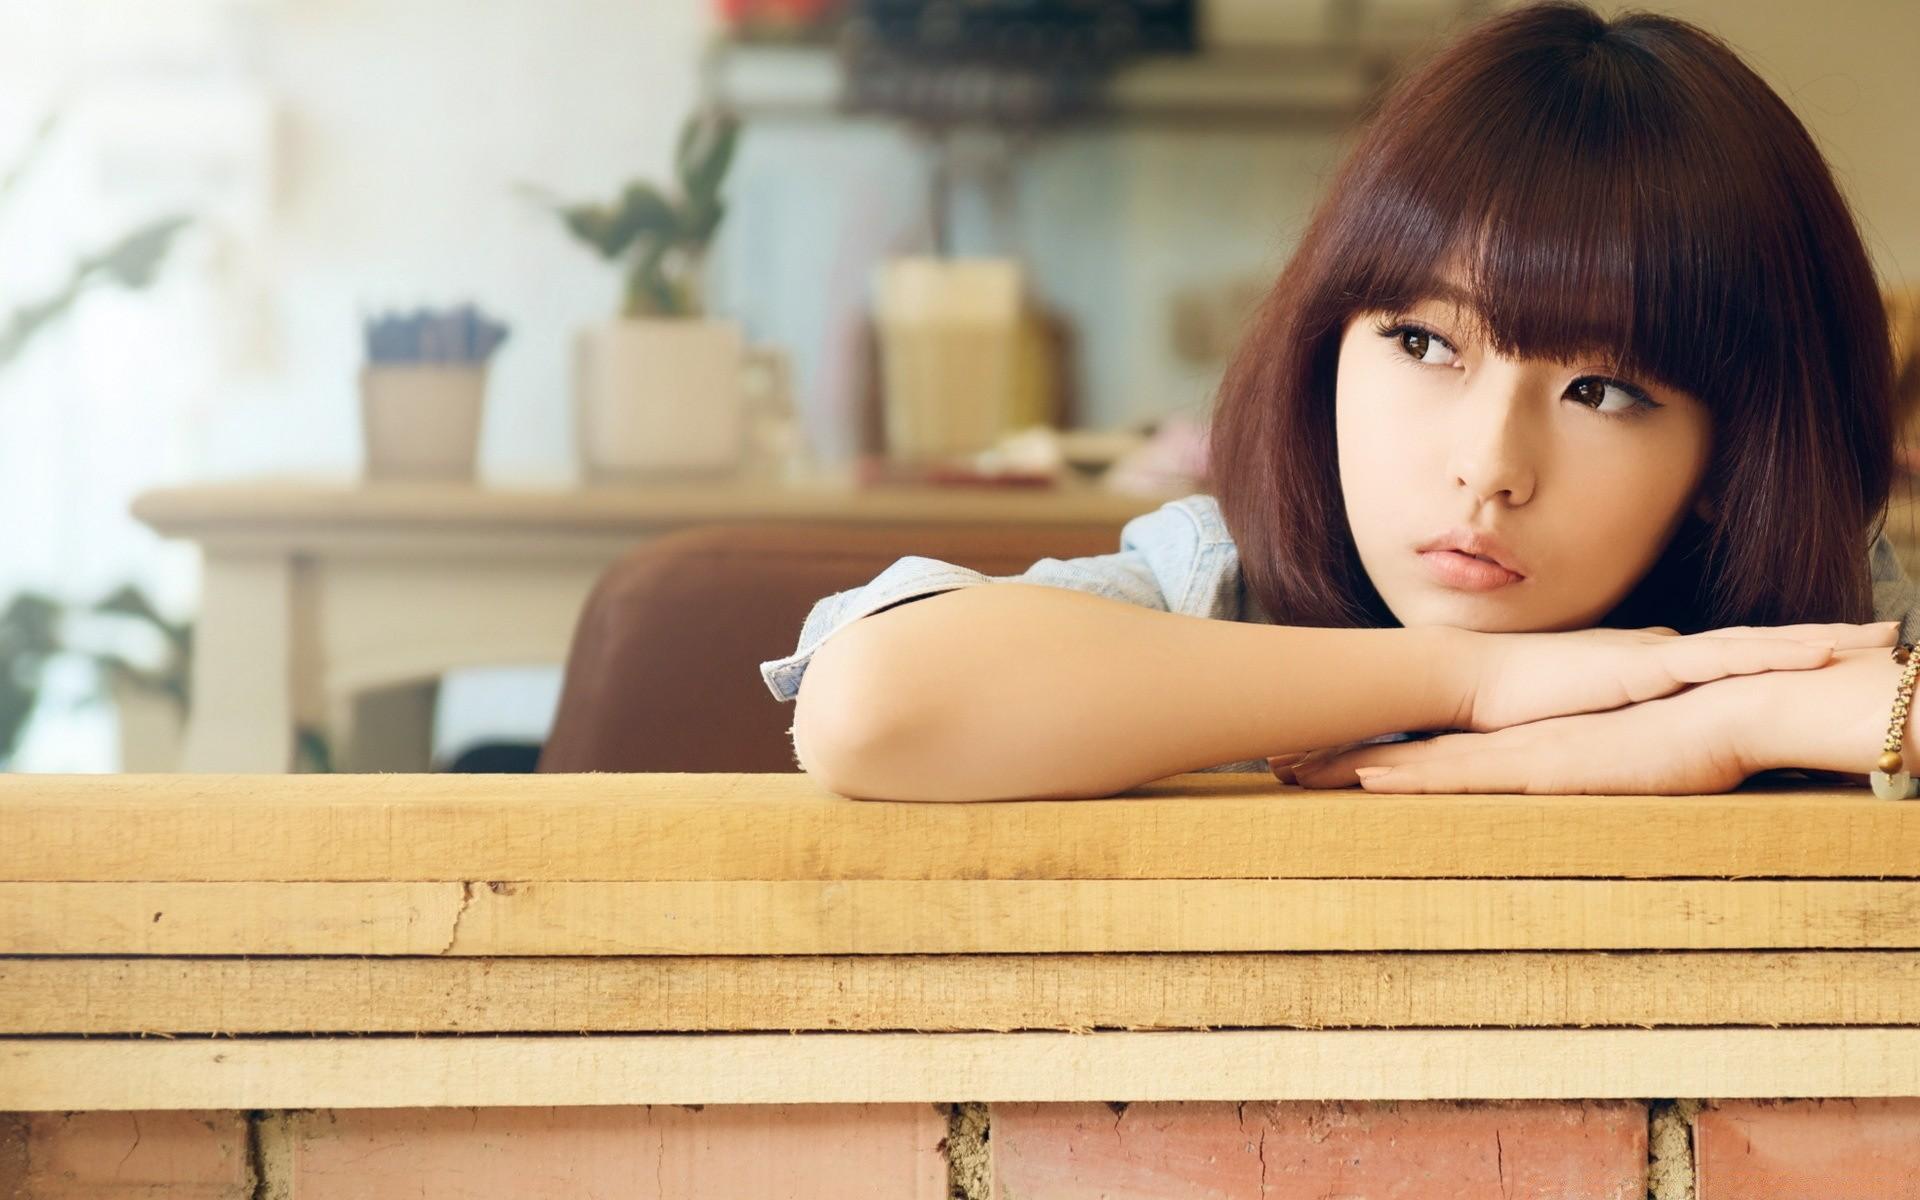 girl-japanese-lexicon-dbz-dick-girls